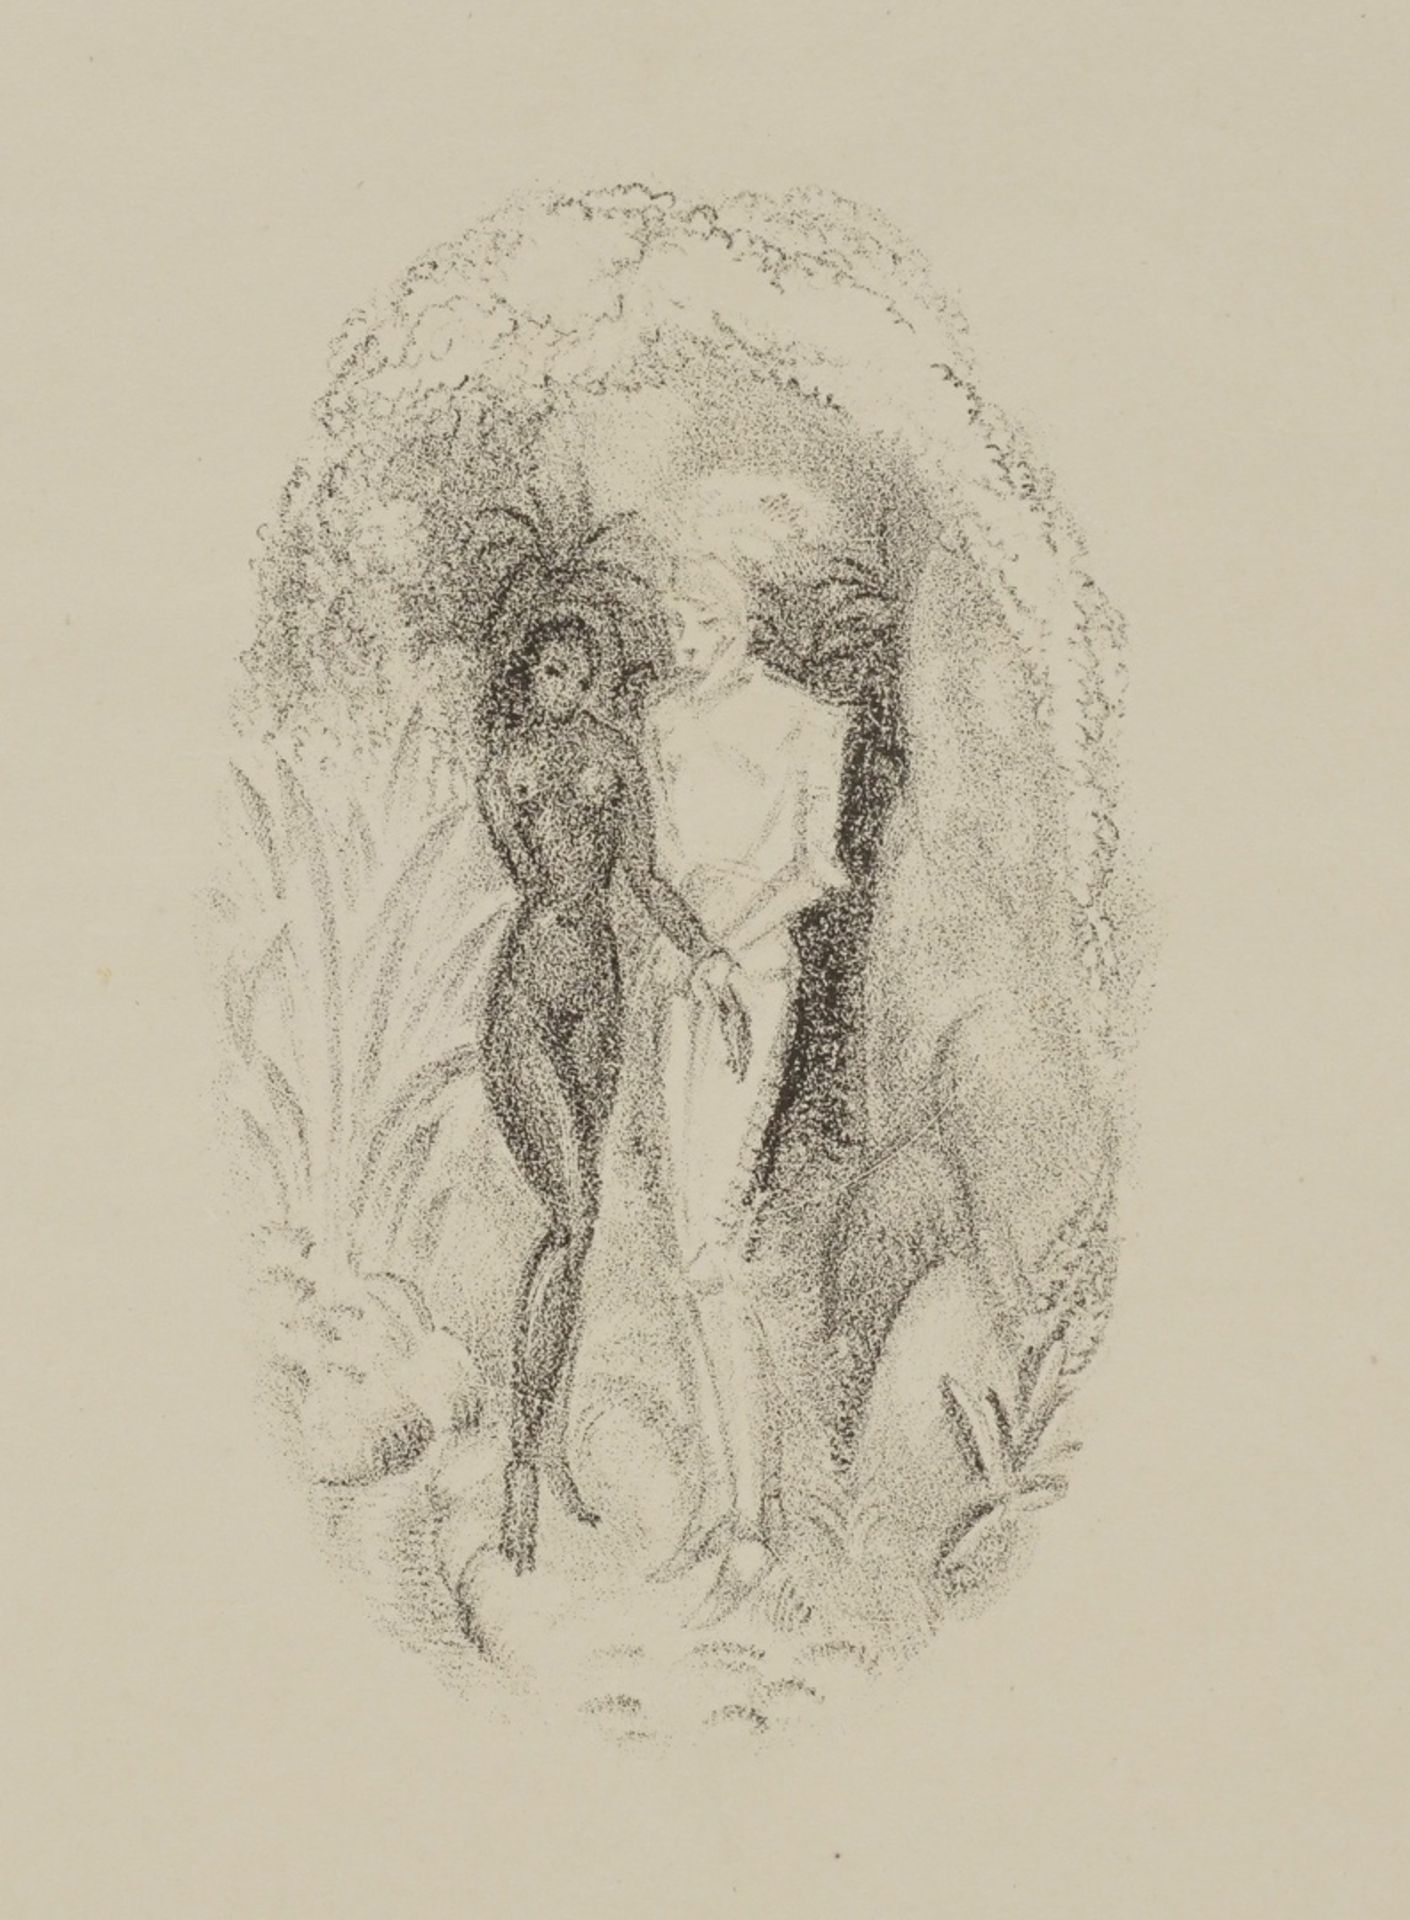 C.F. Savary, Der Ritter und das Mädchen